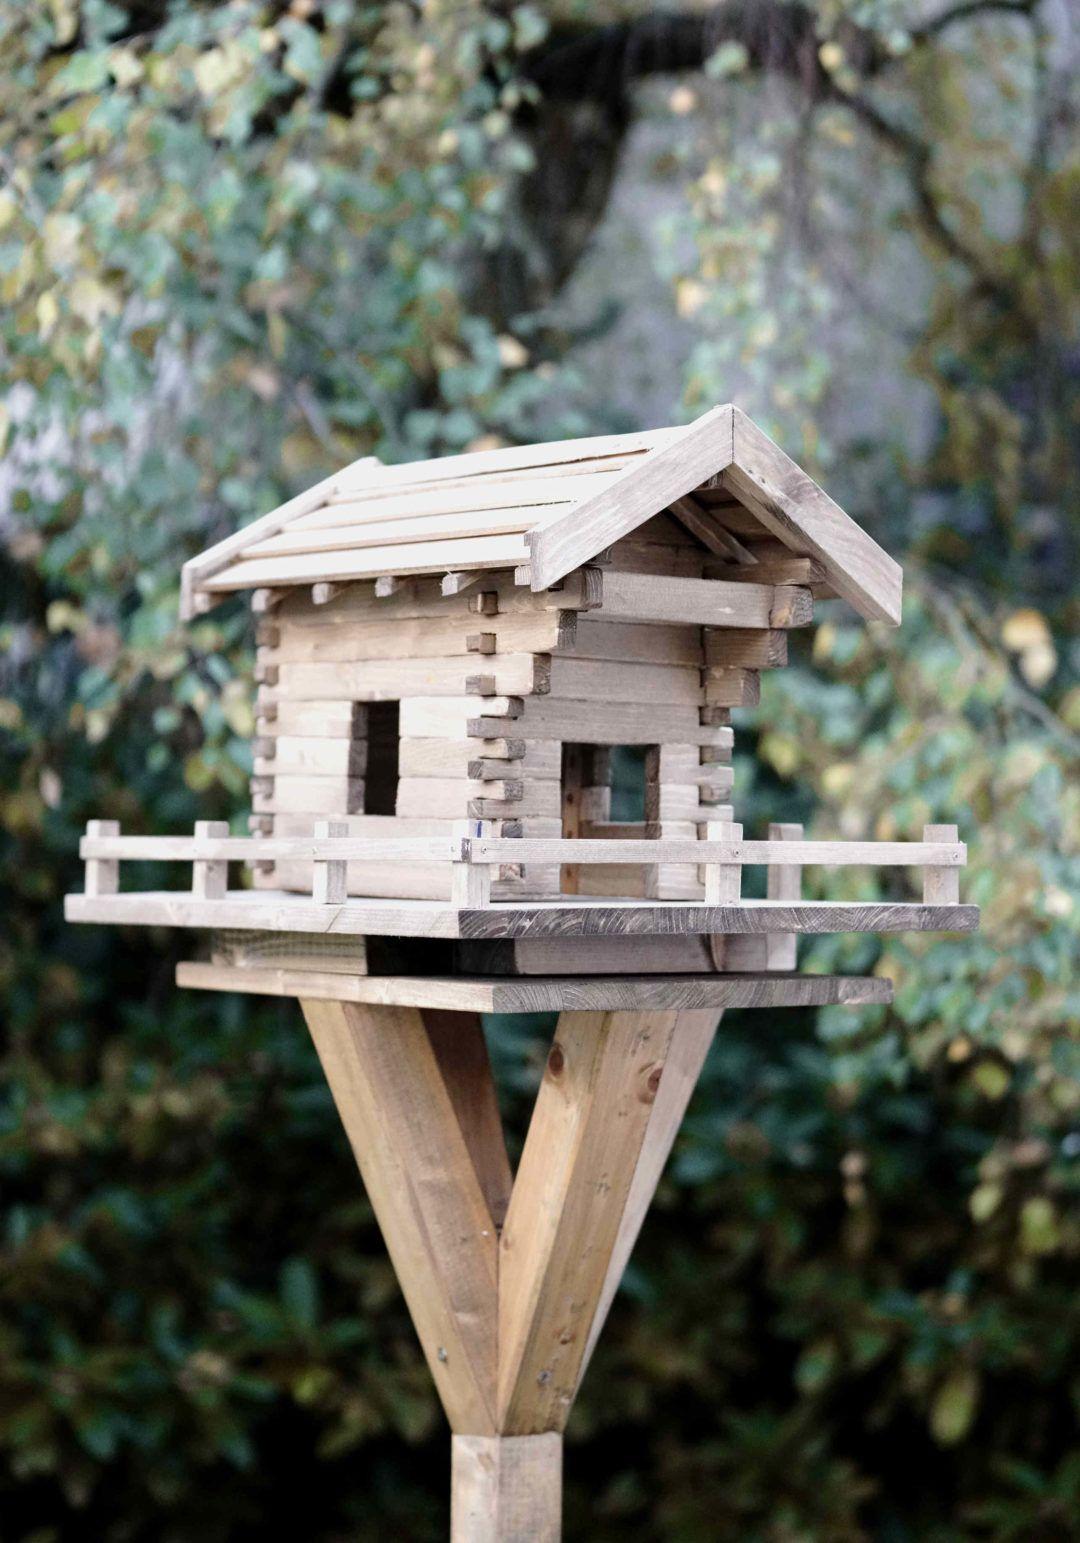 vogelhaus selber bauen - in 13 schritten zum fertigen